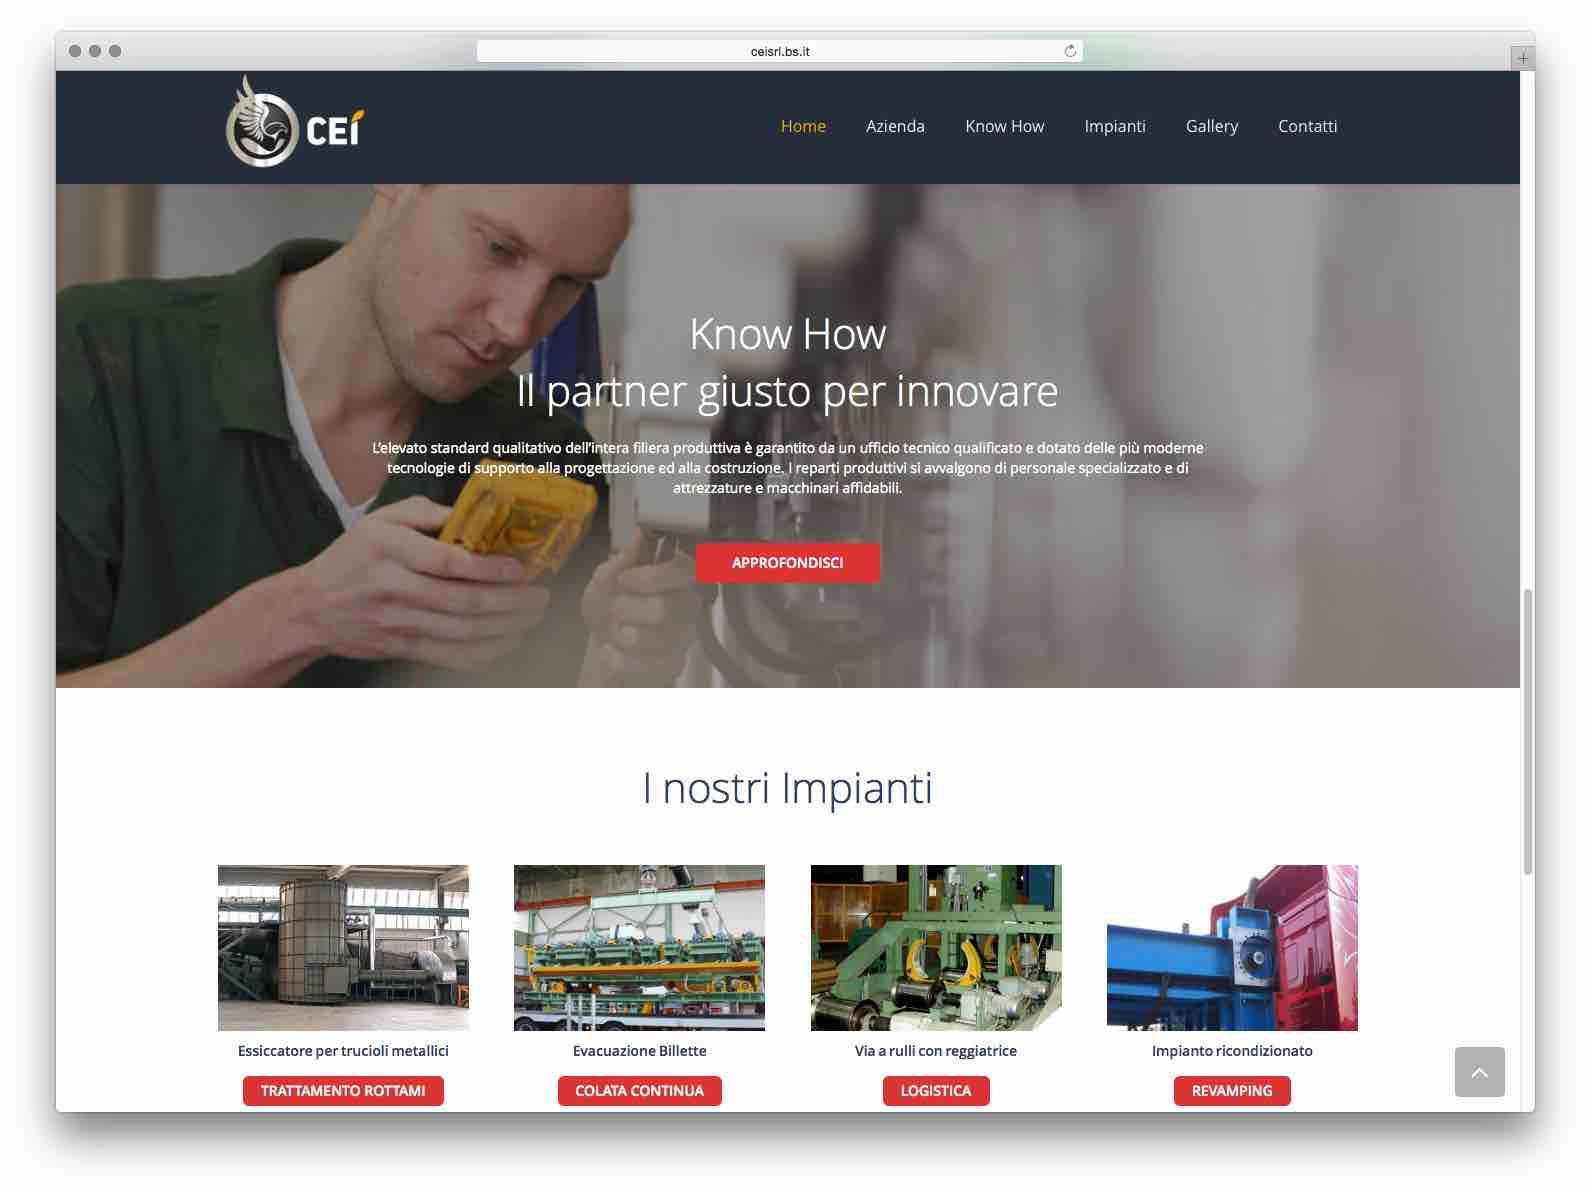 creazione siti web brescia - sito web cei